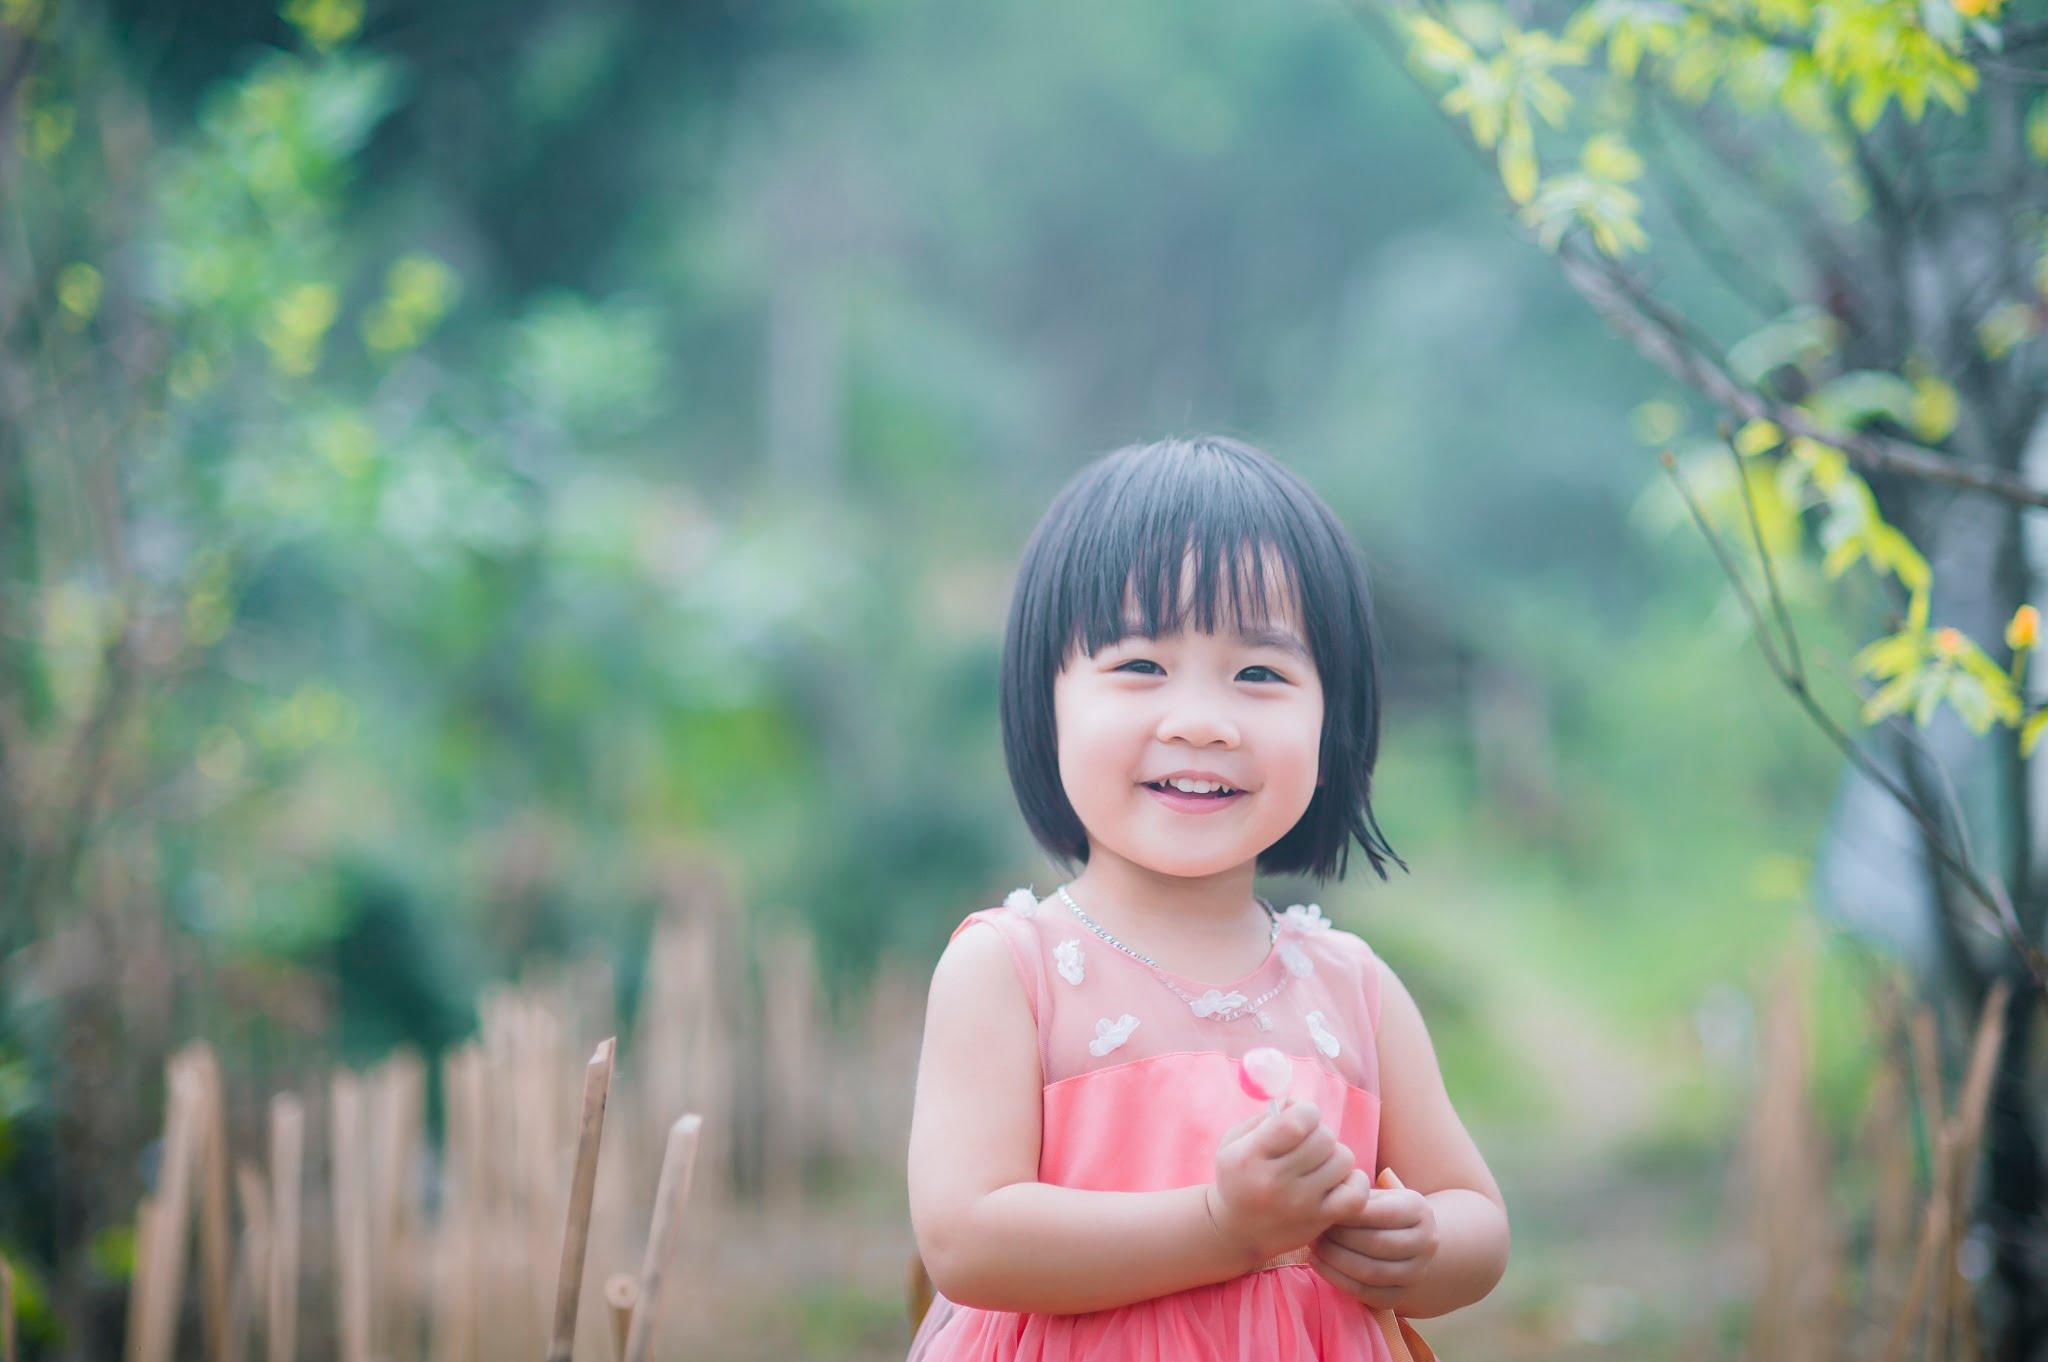 li 15 - Ảnh chụp bé Xuân Nhi Tp. Đà Nẵng